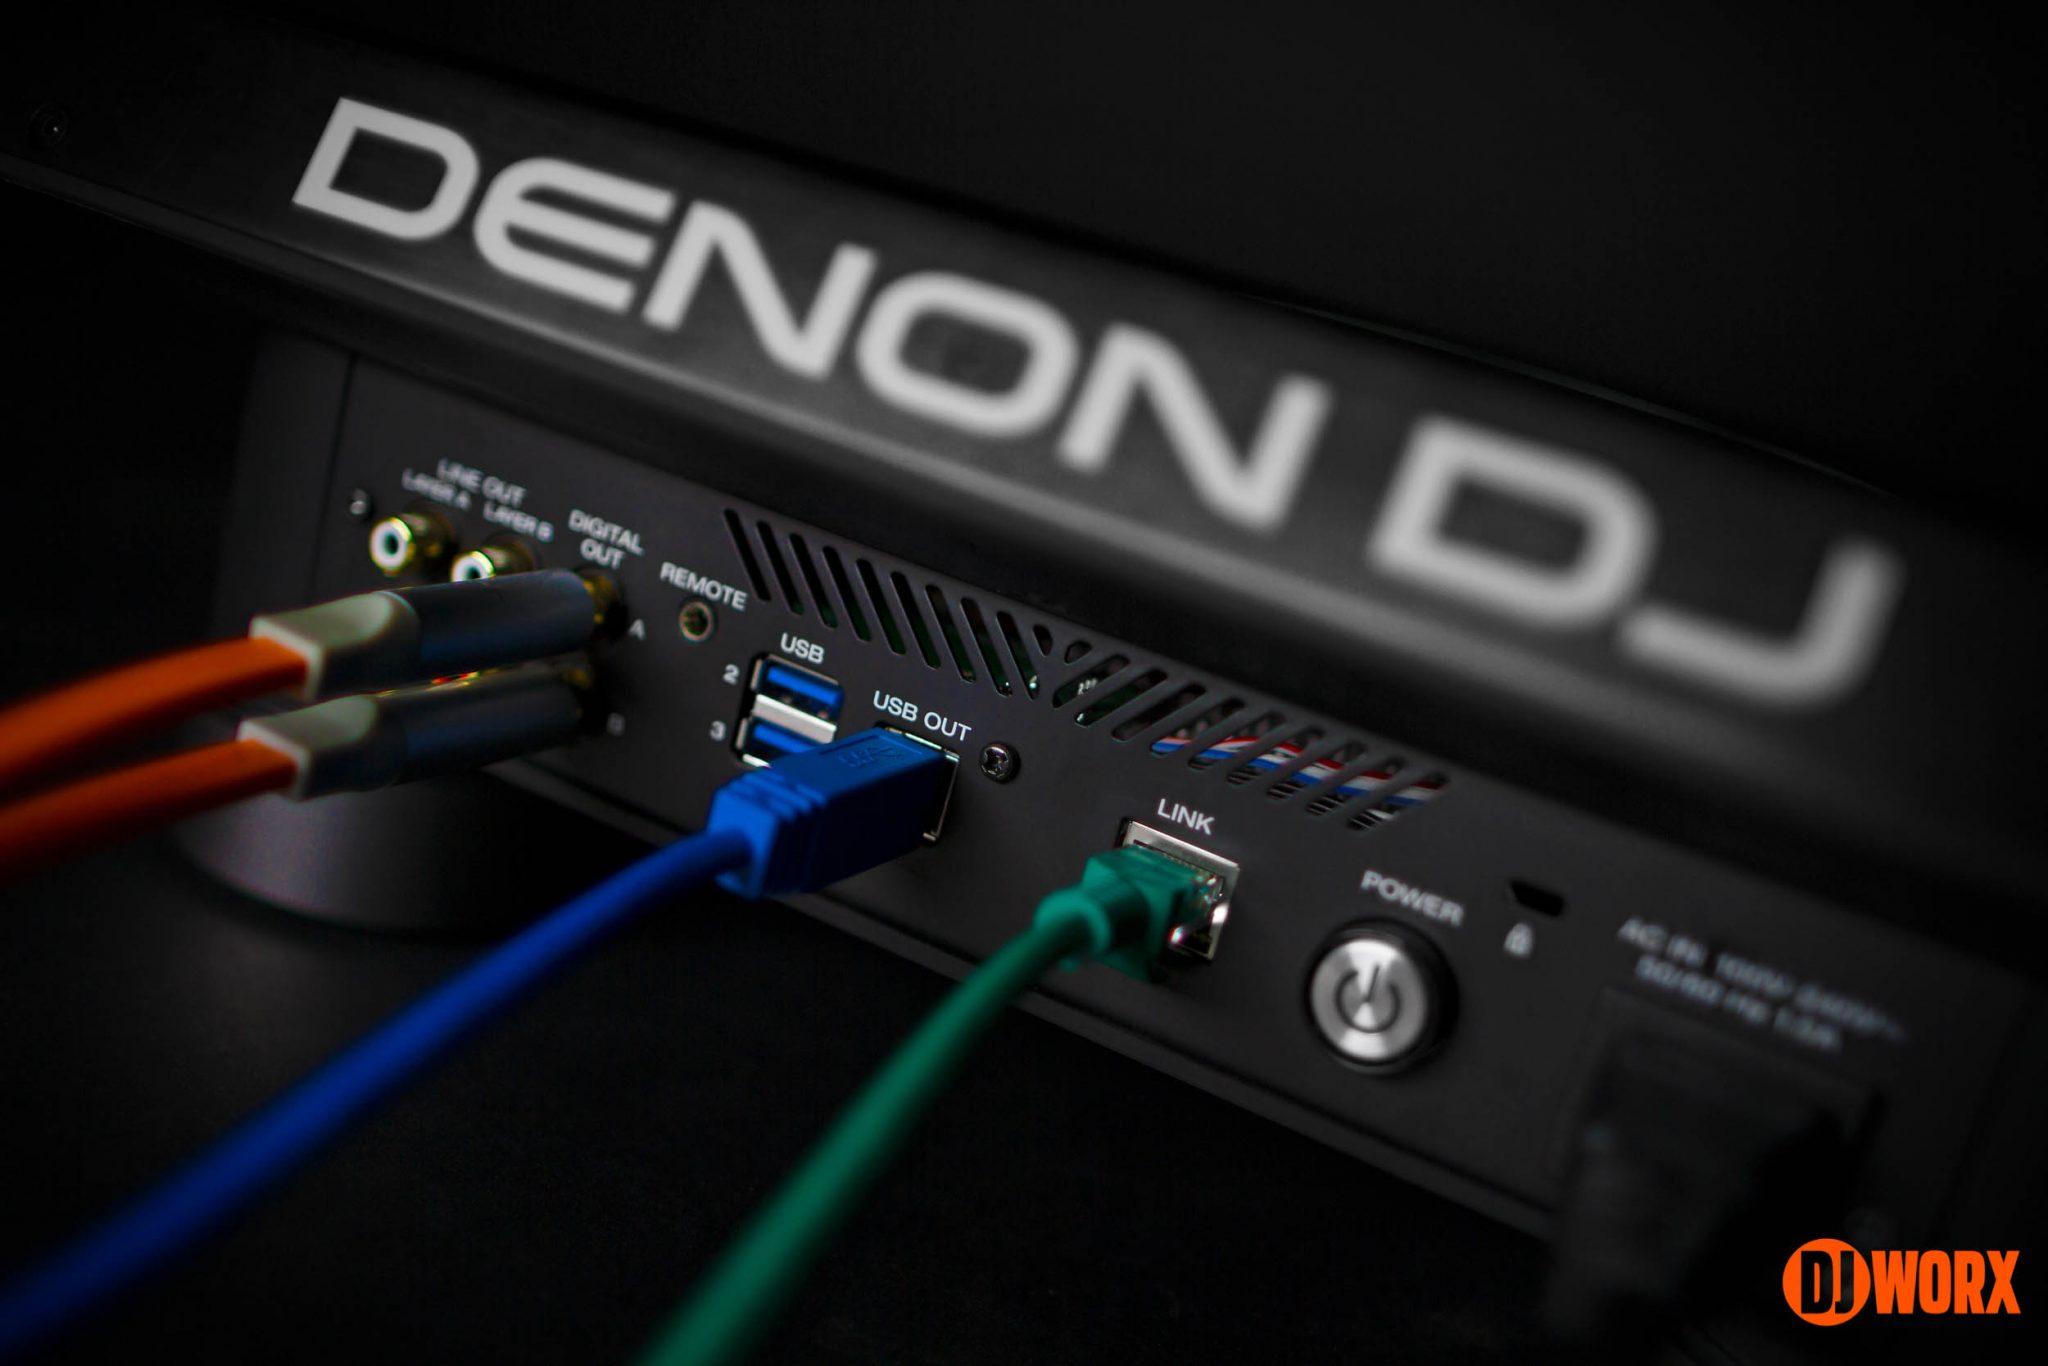 REVIEW: Denon DJ SC5000 Prime media player   DJWORX